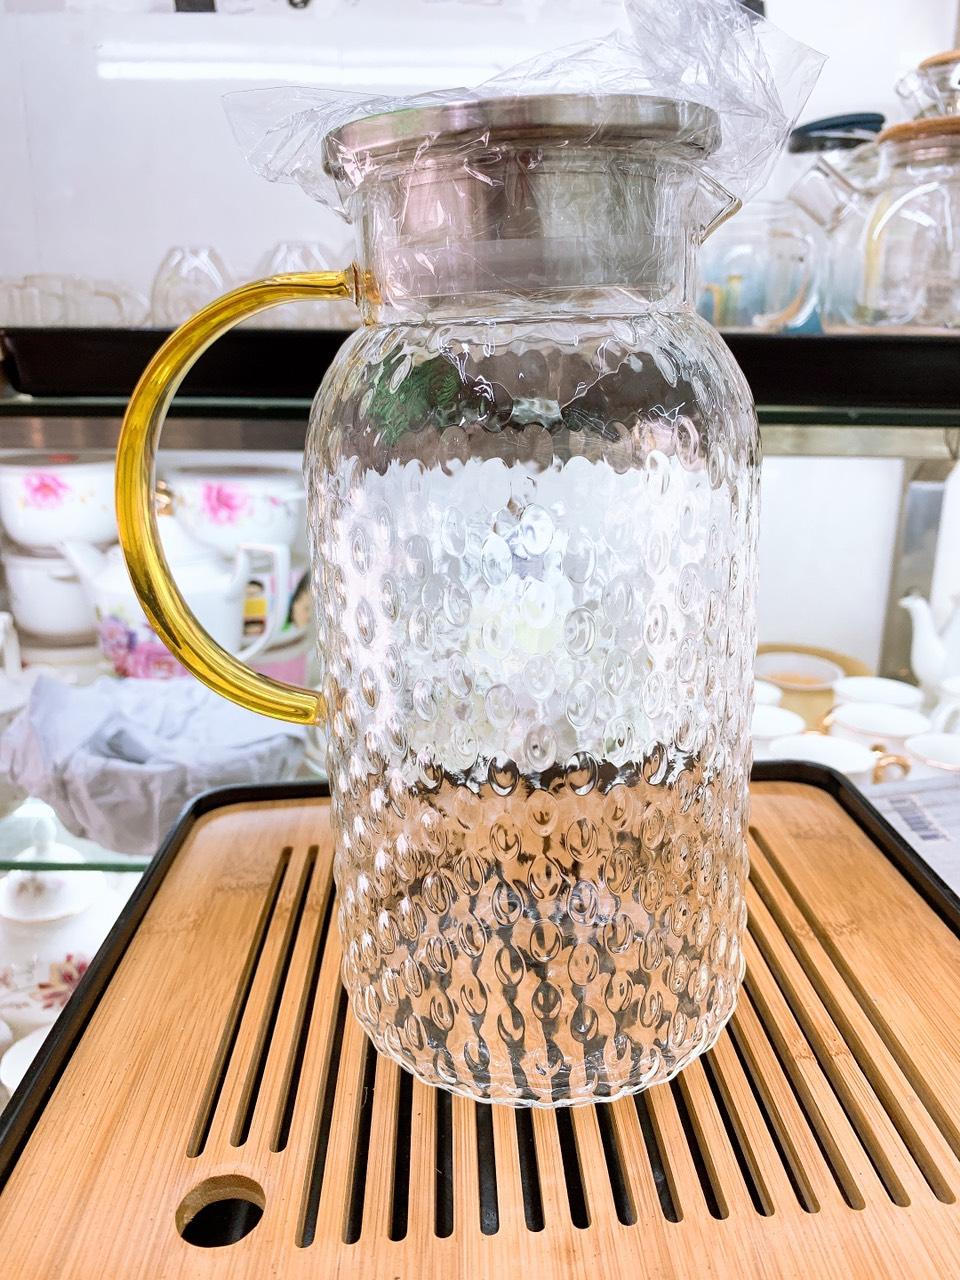 Bình thủy tinh đựng nước vân nhám chịu nhiệt lên tới 400 độ C dáng tròn cao nắp inox  1,8l - ANTH324